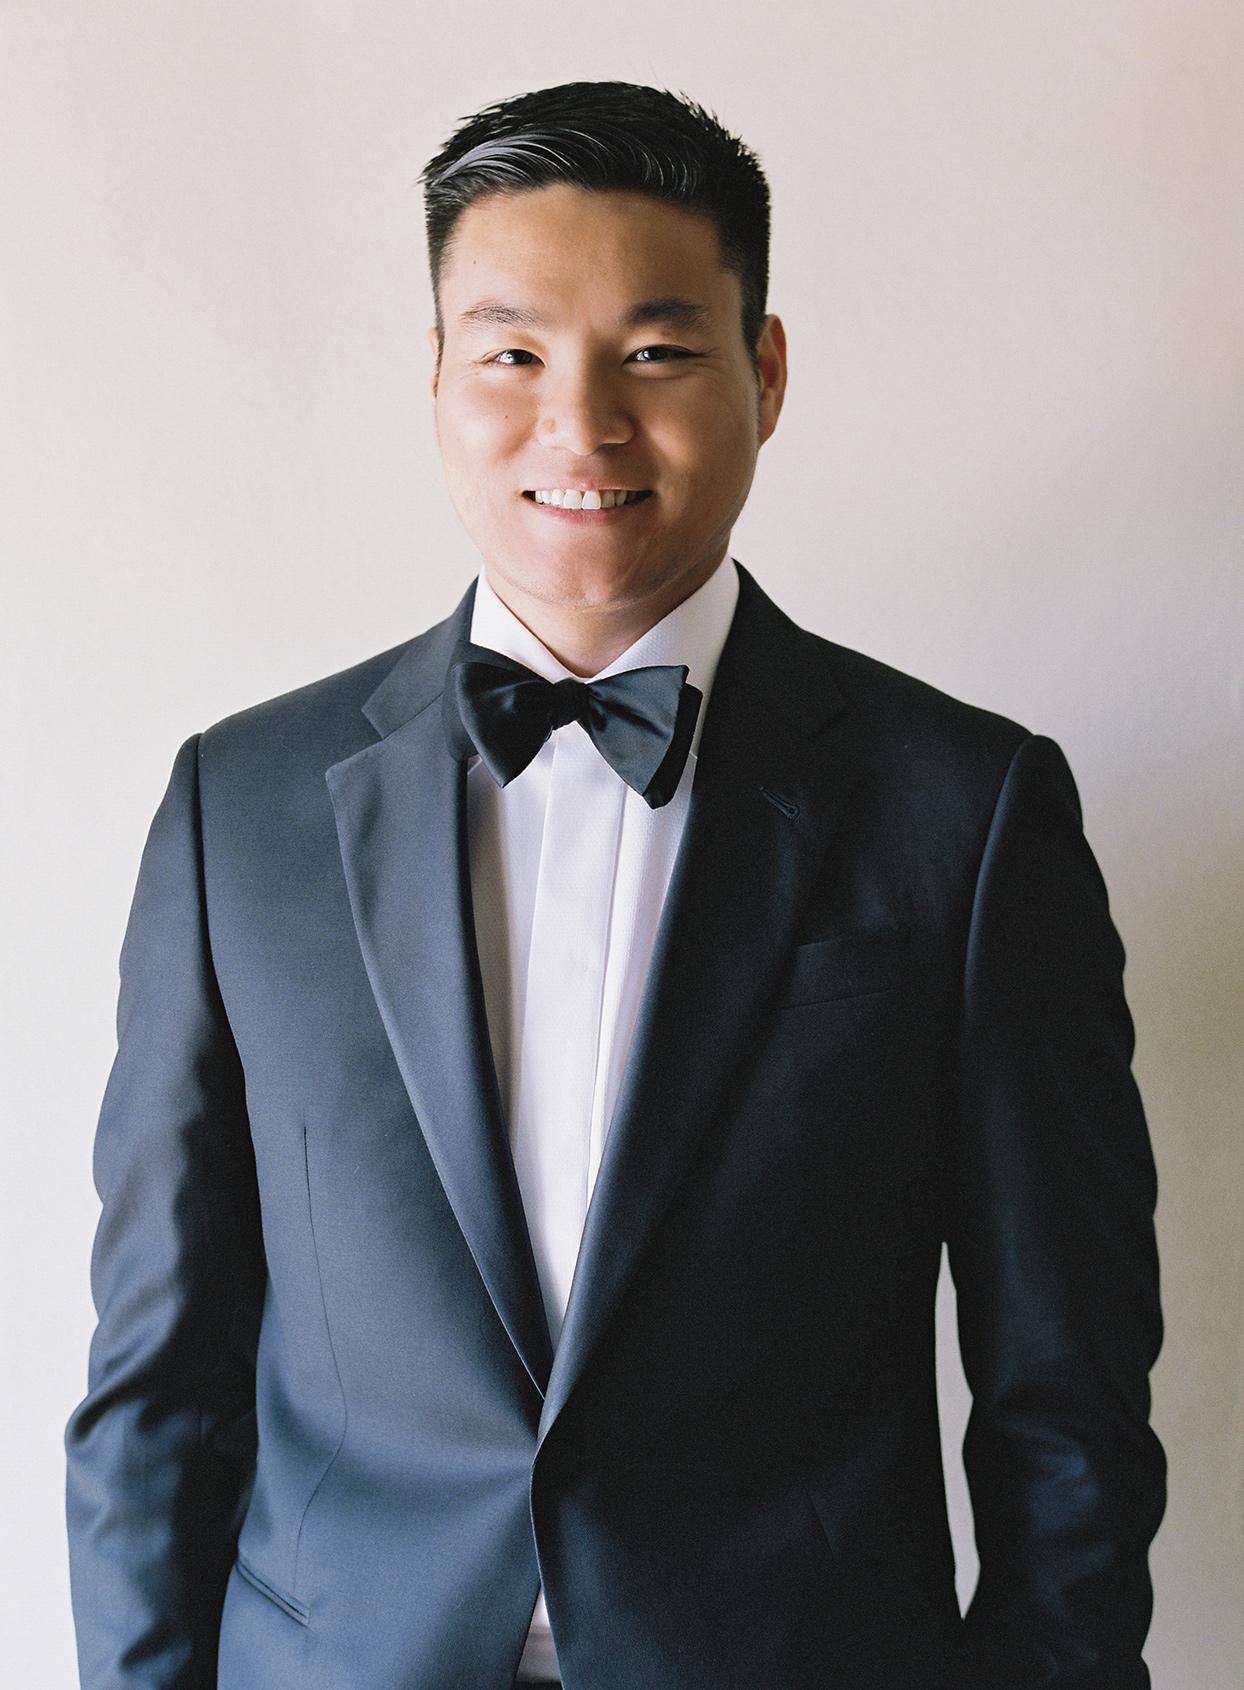 jen alan wedding groom in bow tie